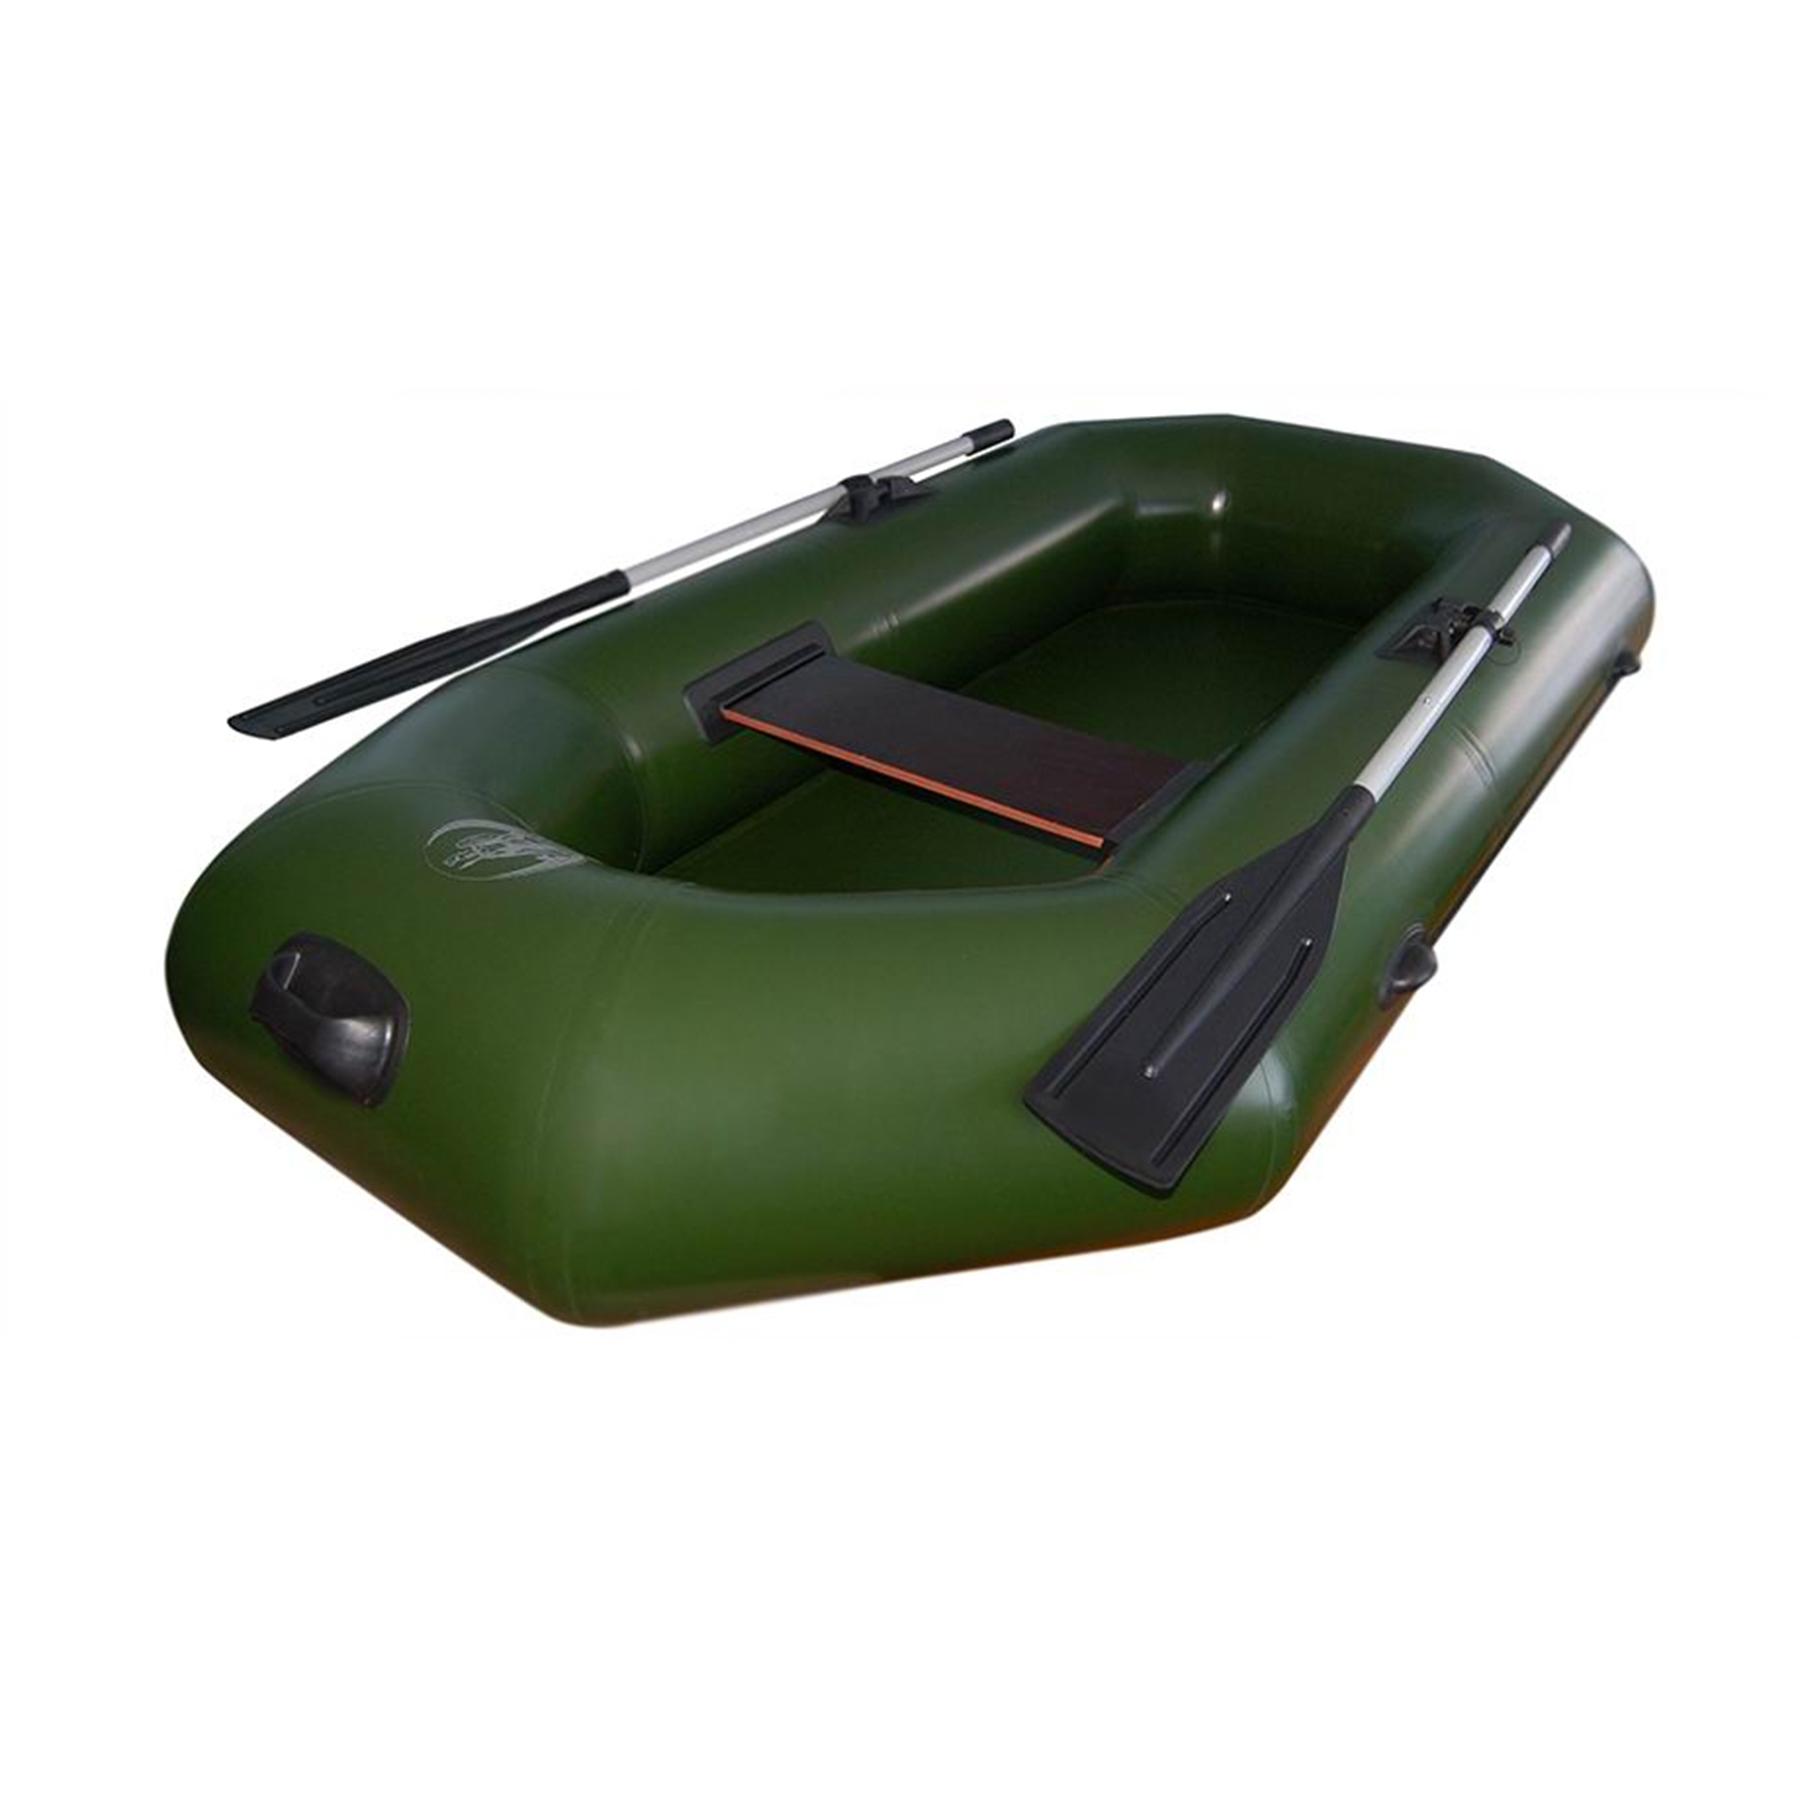 Лодка Легион - 230 / 235  НД (надув.дно, 230*122см, гр.под.170 кг,2отс.,12 кг,ж.сид.,весла) АКЦИЯ!